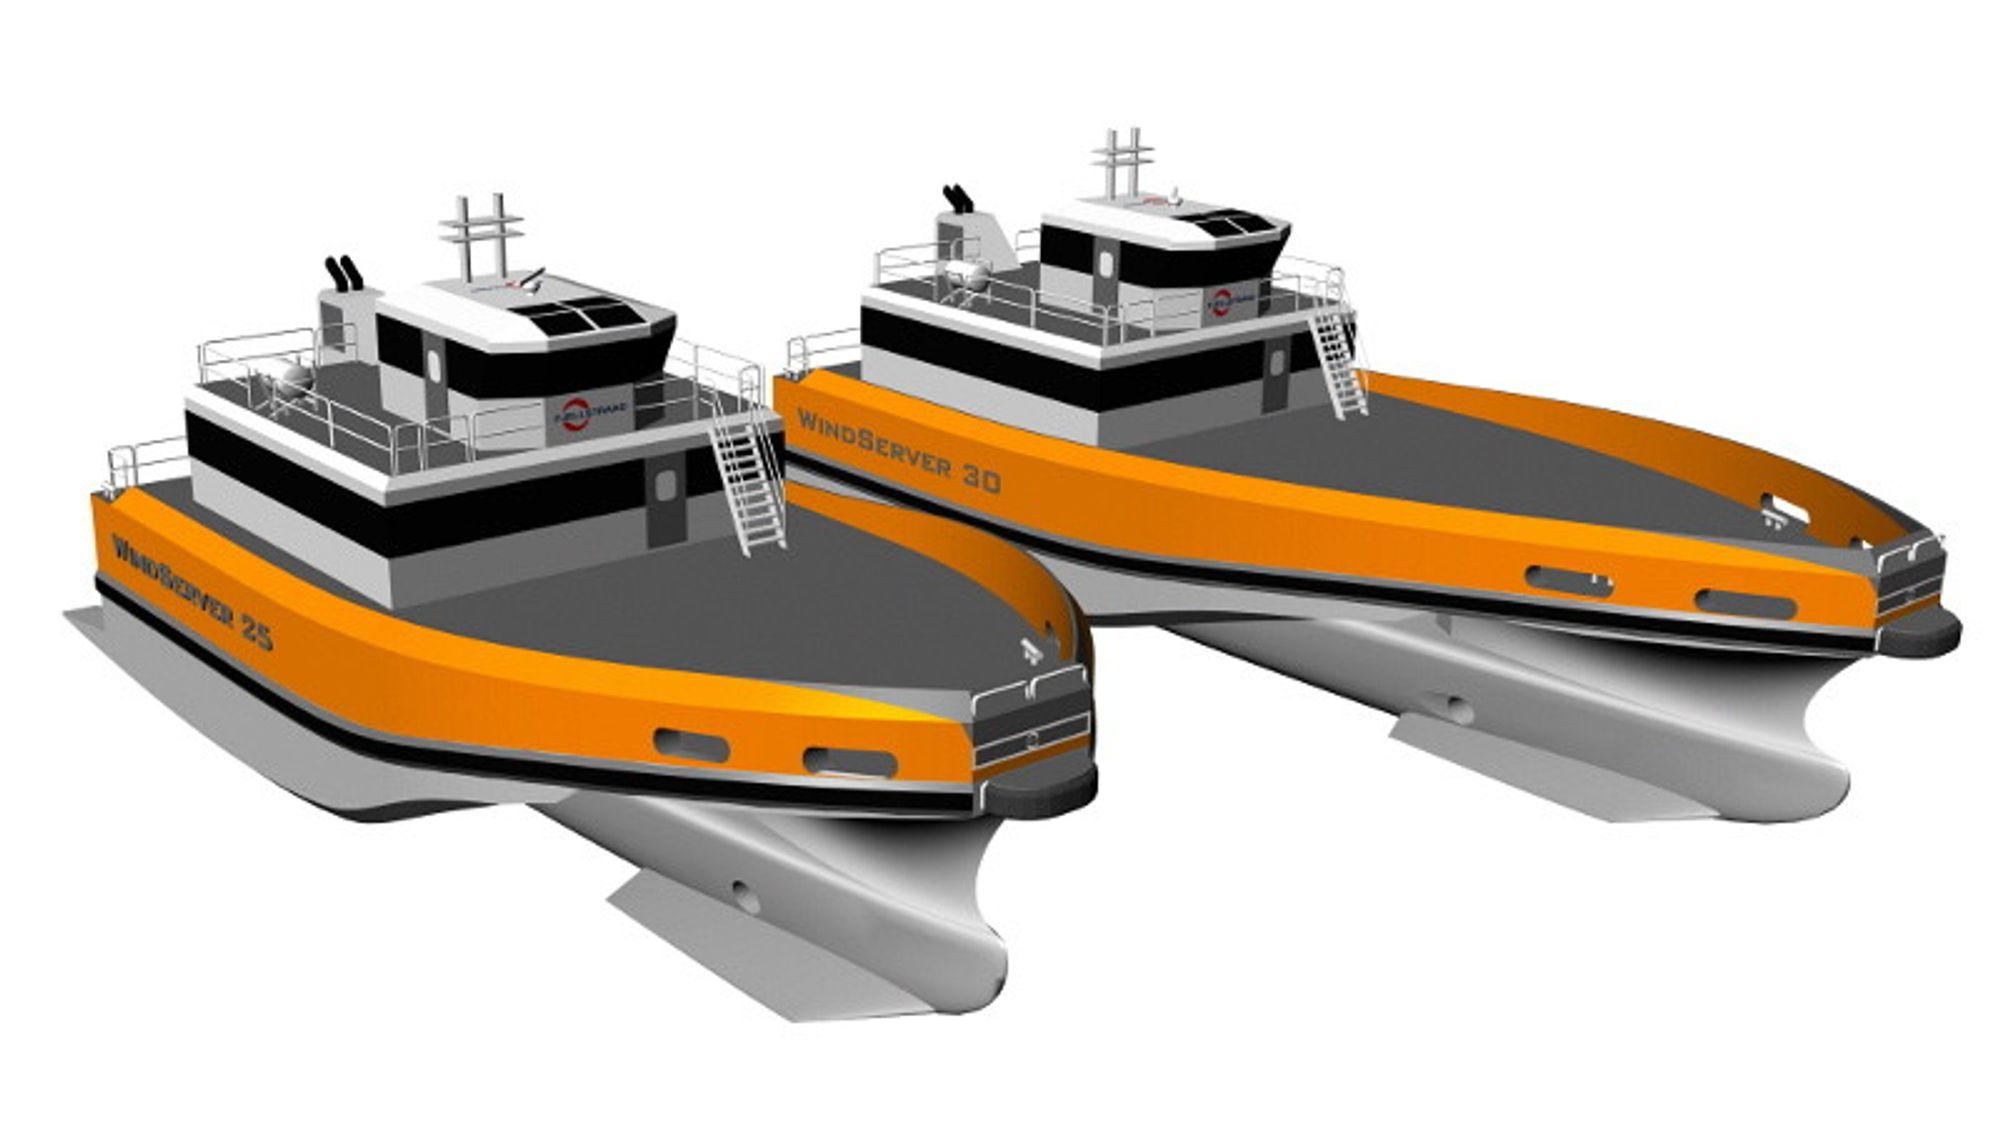 TO STRØRRELSER: WindServer 25 og 30 - med plass til 12 eller 24 passasjerer. Skal de ha med flere enn 12, kreves passasjersertifikat. Tre skrog og stor ballastvannstanker gir fleksibiliteten til å kjøre fort i transitt og å ligge stabilt ved overføring av personell og utstyr til vindturbiner offshore.